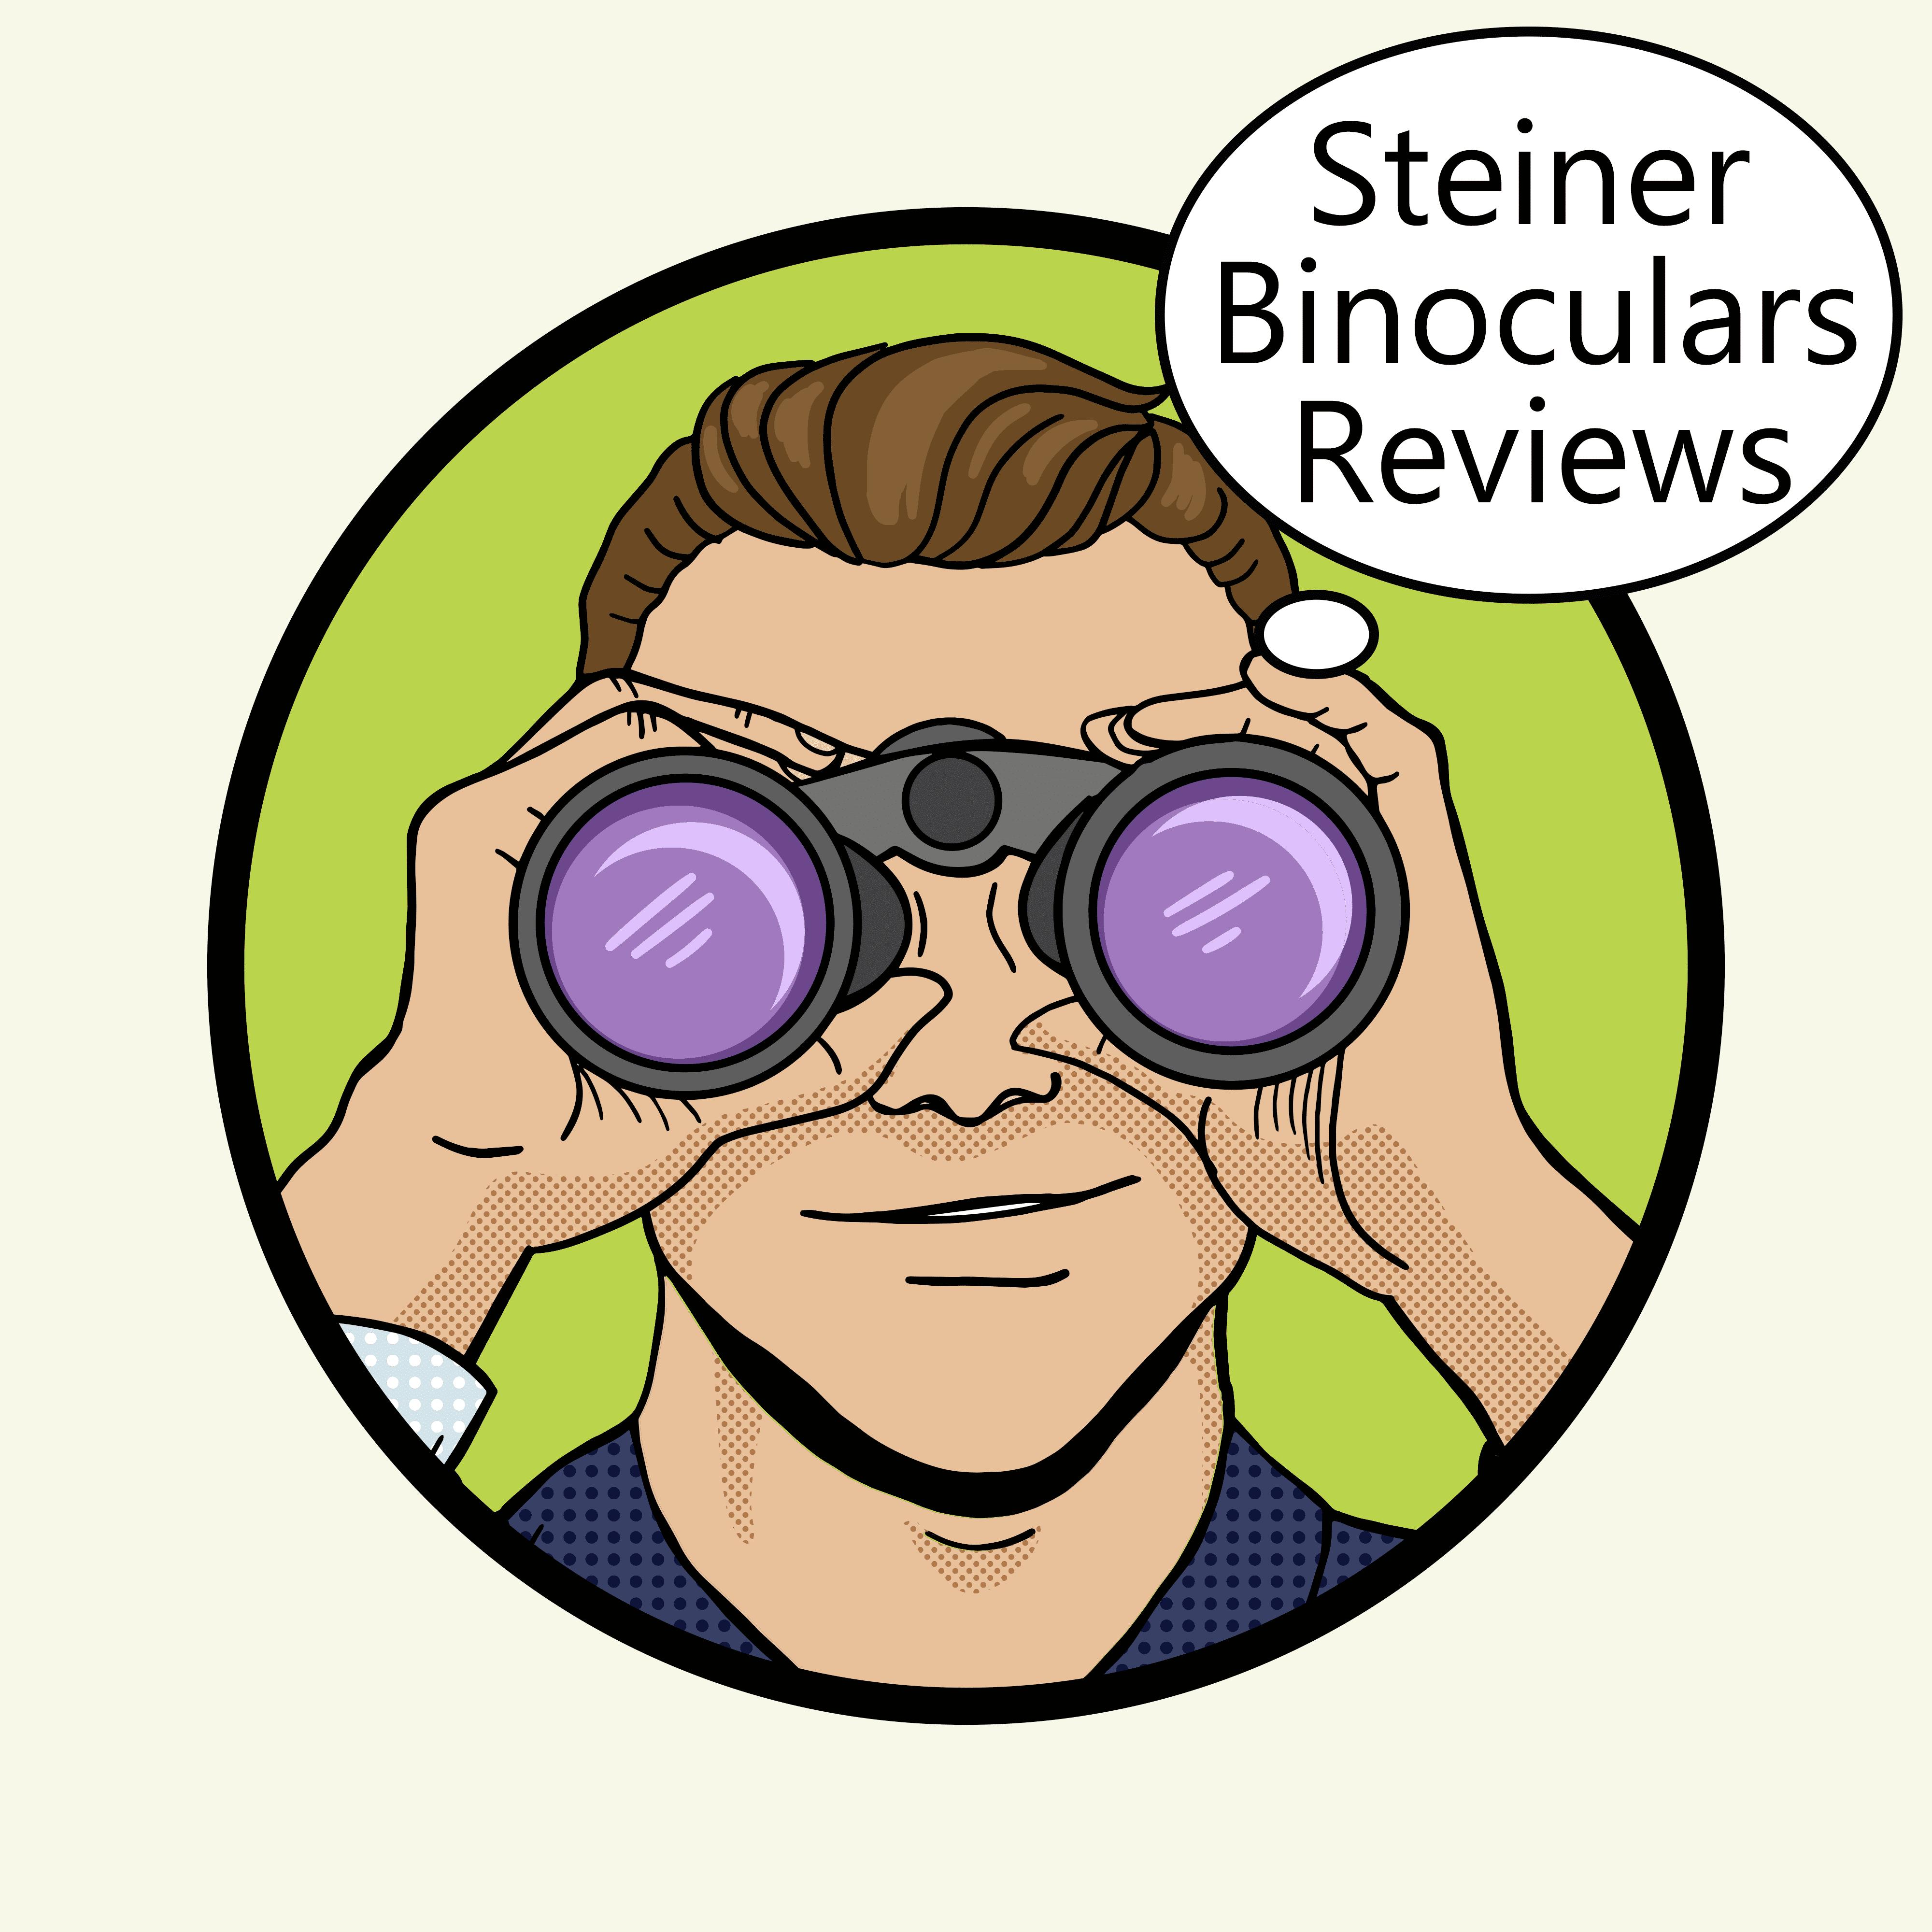 Steiner Binoculars Reviews